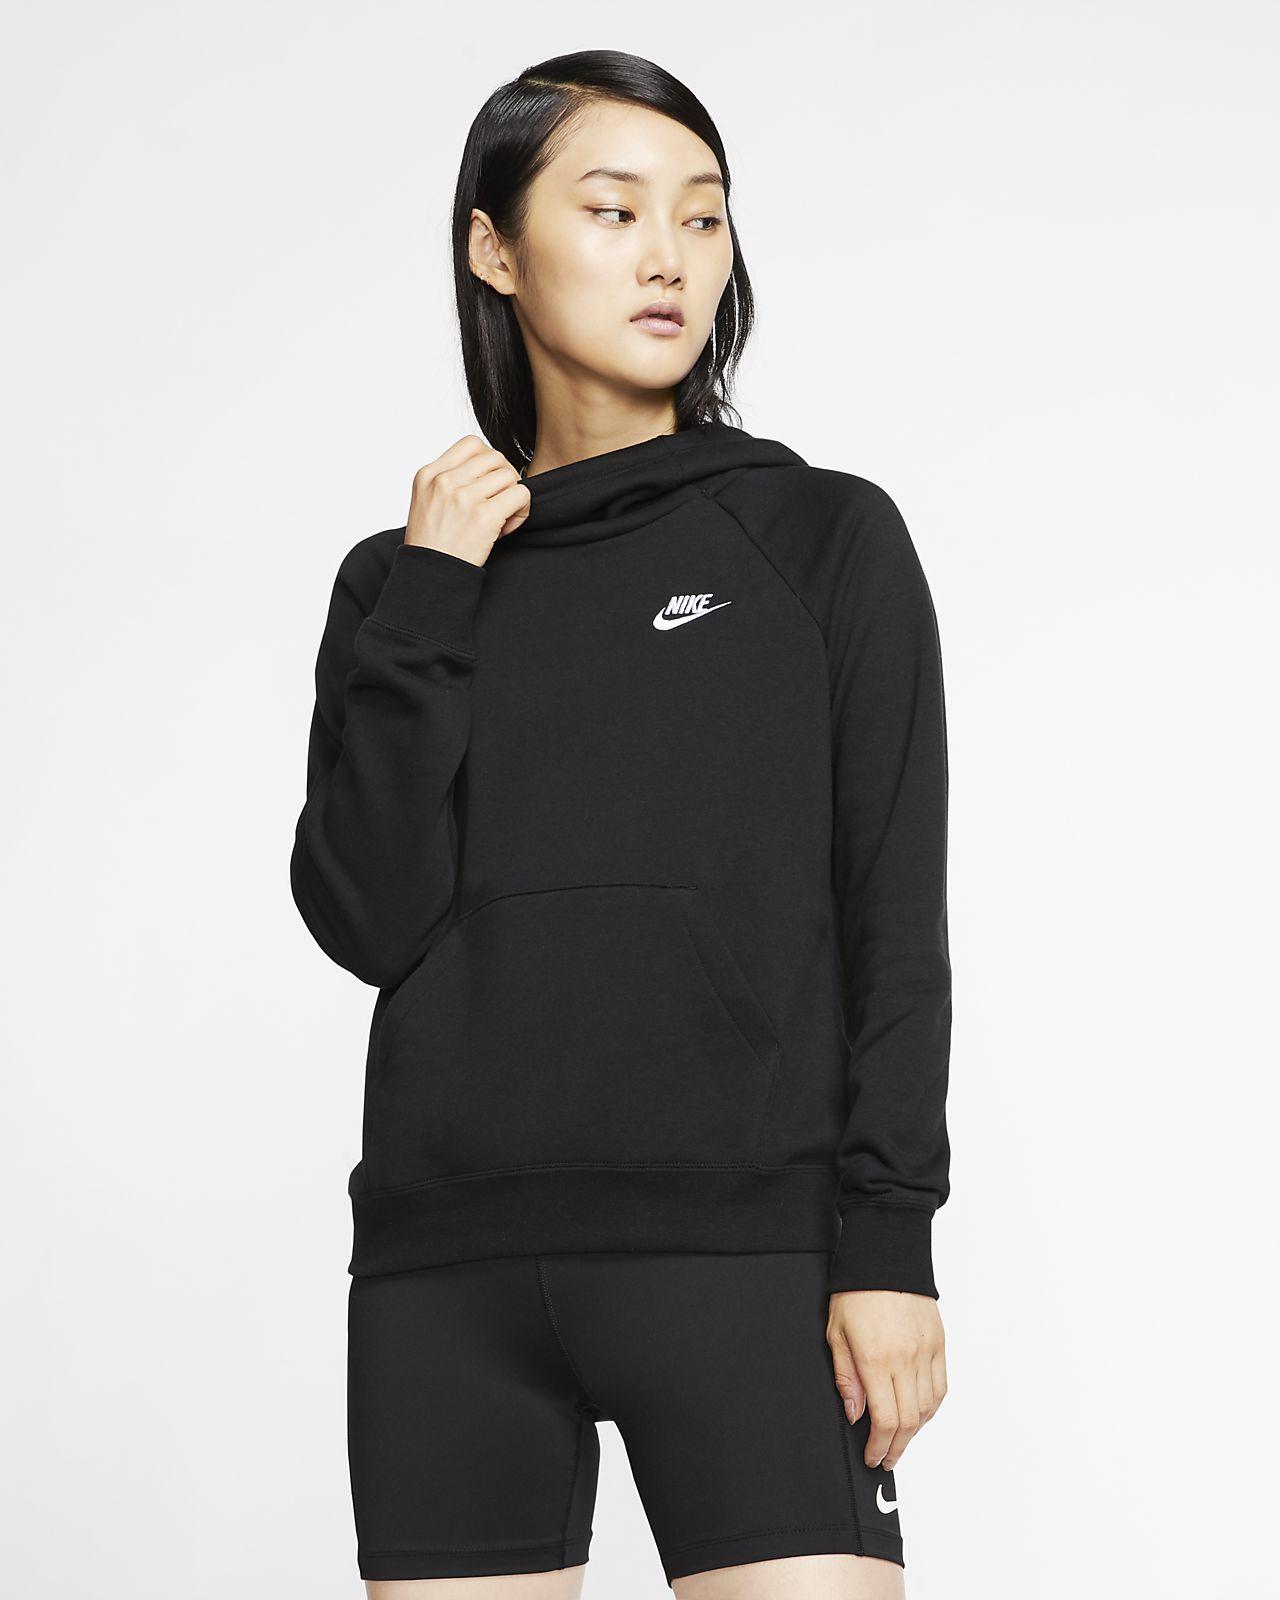 Nike Sportswear Essential Women S Funnel Neck Fleece Pullover Hoodie Nike Com Nike Sportswear Nike Sportswear Women Women Hoodies Sweatshirts [ 1600 x 1280 Pixel ]